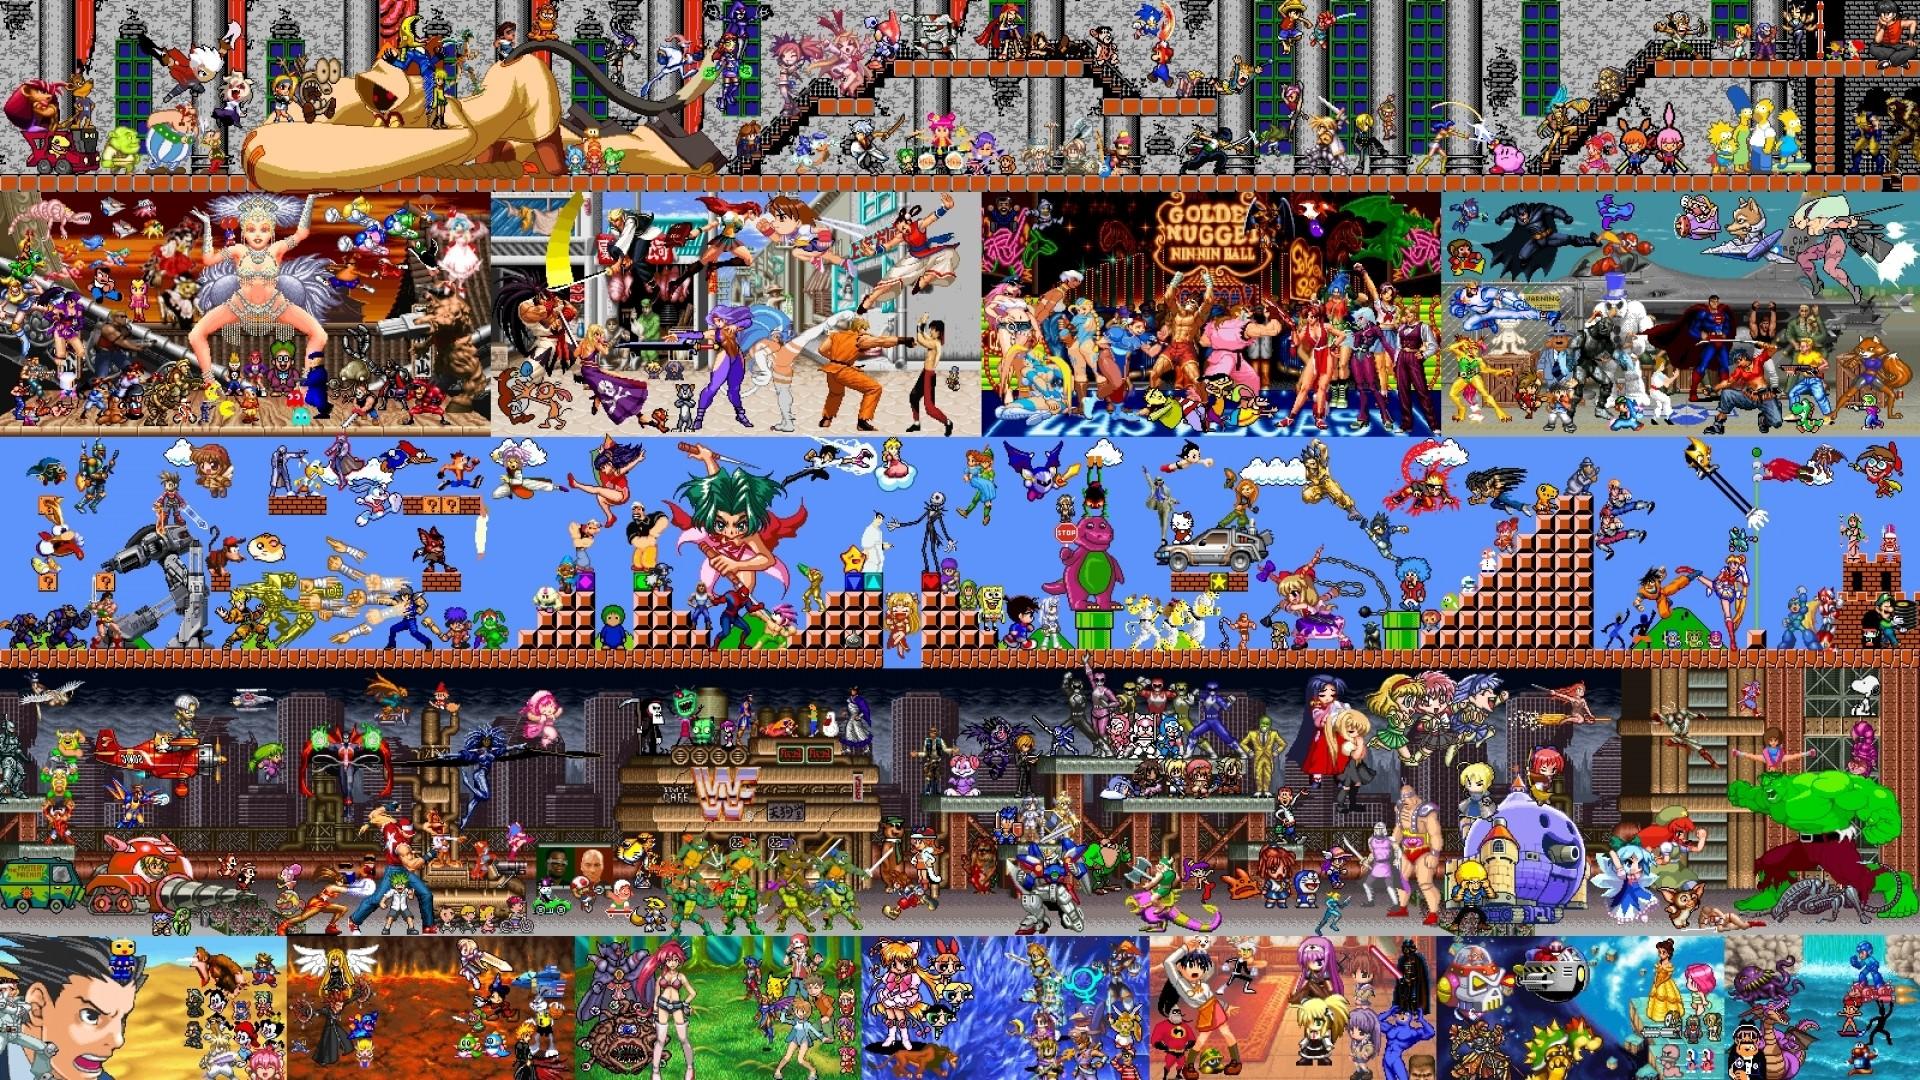 90s Desktop Wallpaper 69 Images